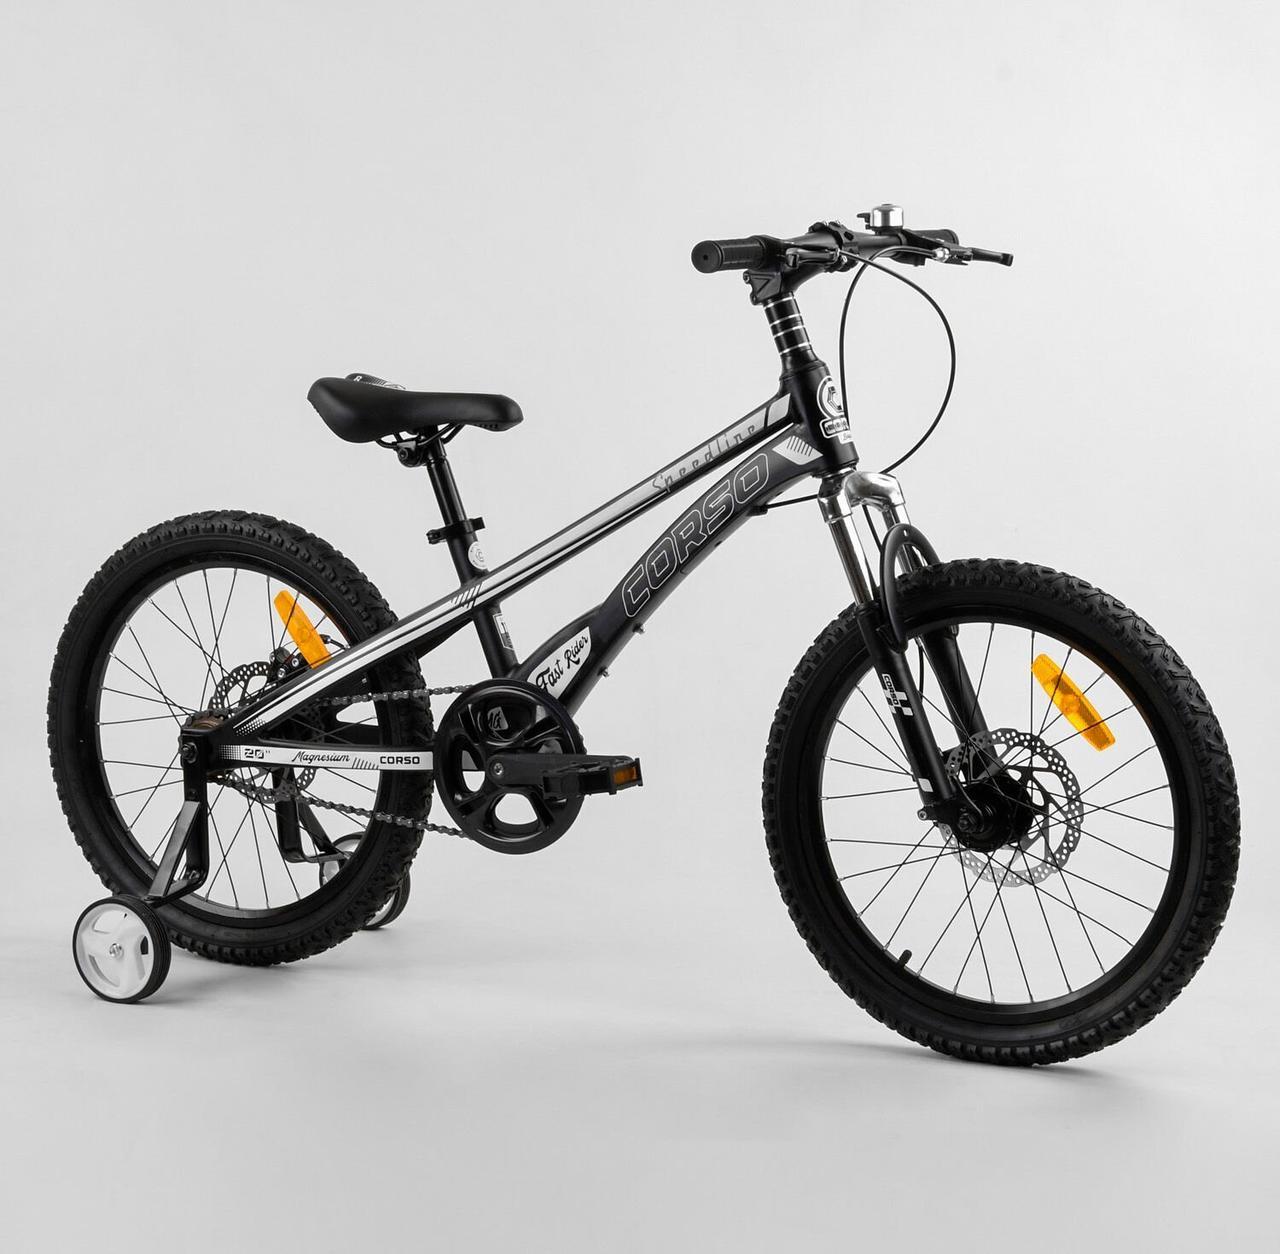 Велосипед двоколісний з додатковими колесами і ручним гальмом CORSO «Speedline» MG-98402, чорний